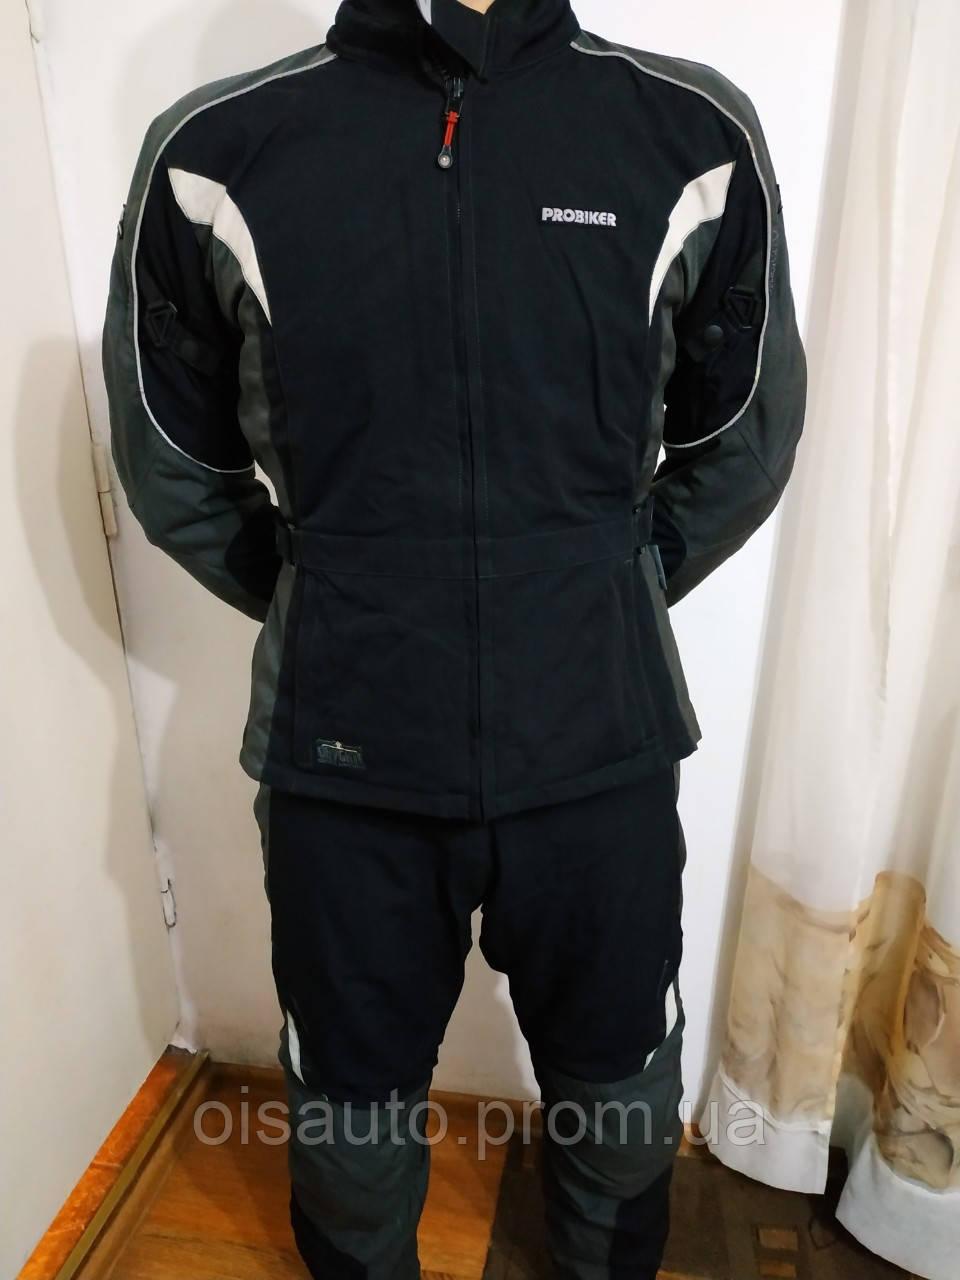 Мотоциклетний костюм Probiker (Комплект штани+куртка)